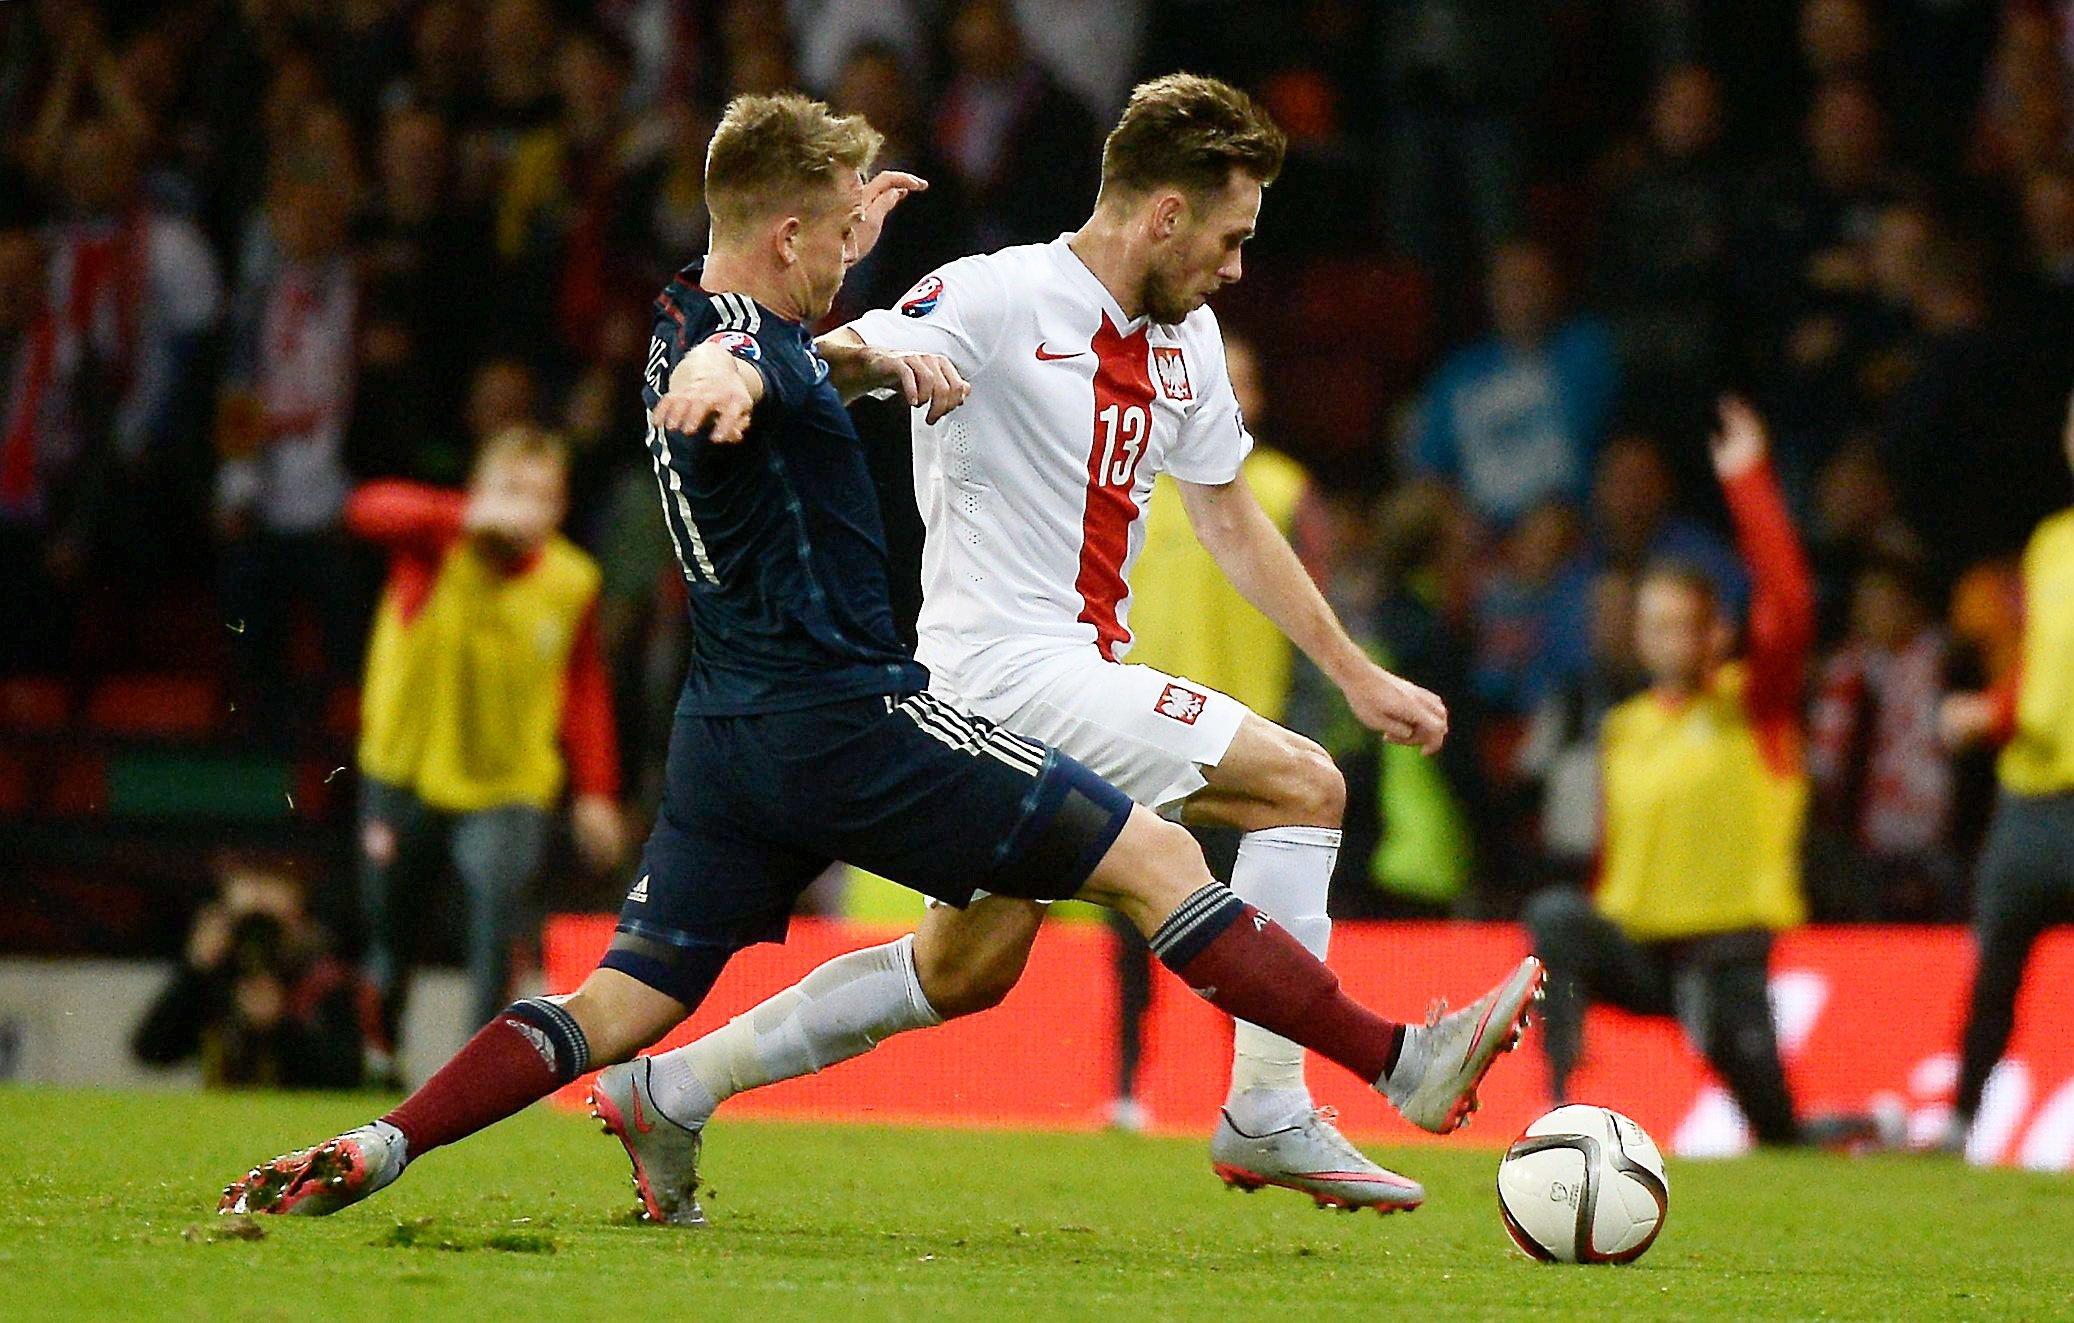 Прогноз на матч Хорватия - Сенегал: количество голов не превысит 2,5